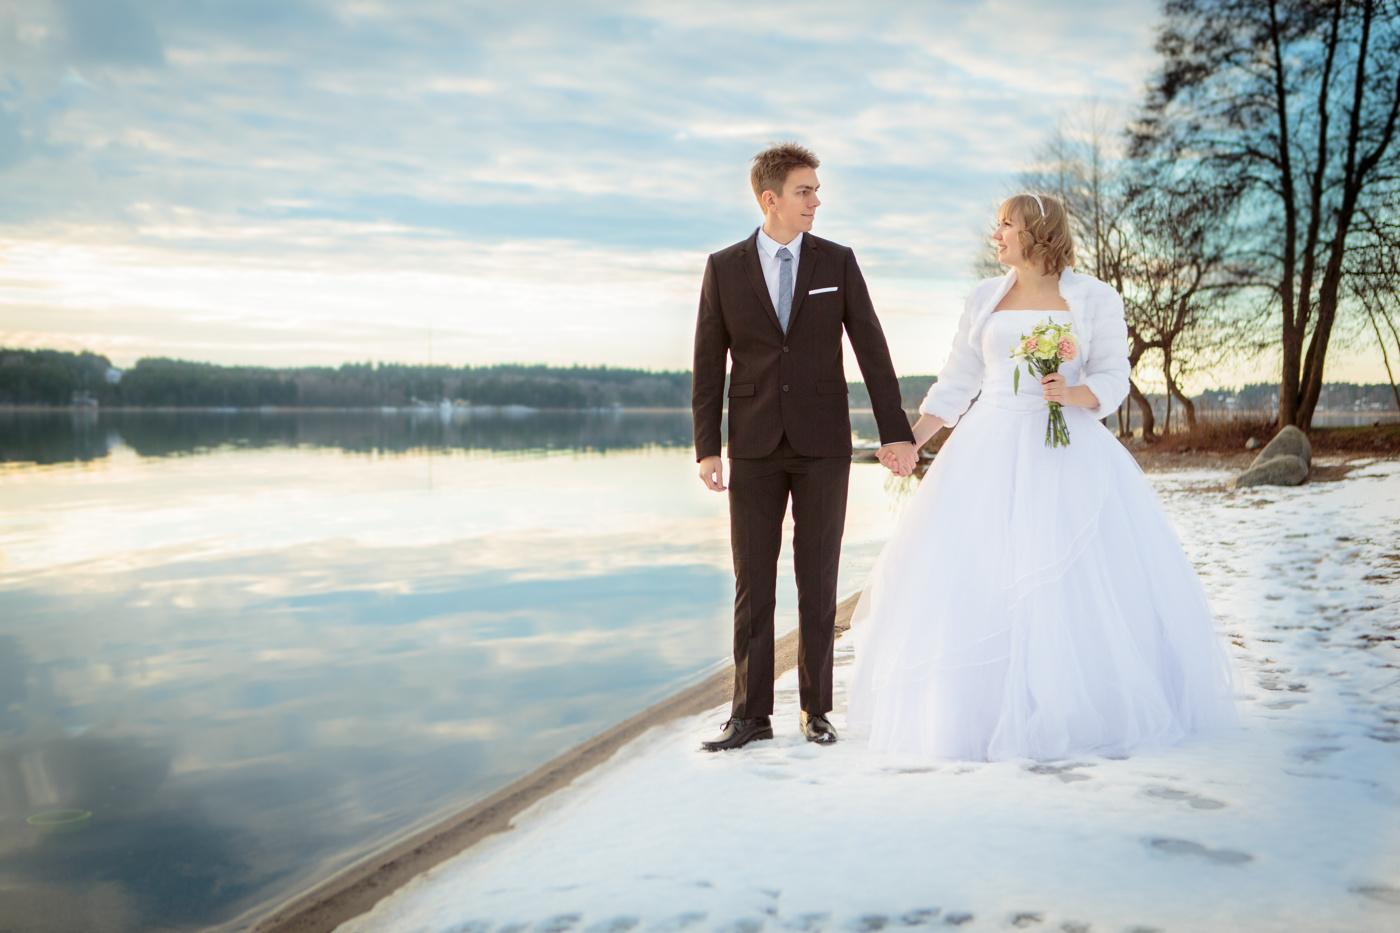 336e15c65062 Mikaela & Mattias romantiska nyårsbröllop | EcoBride - Inspiration ...